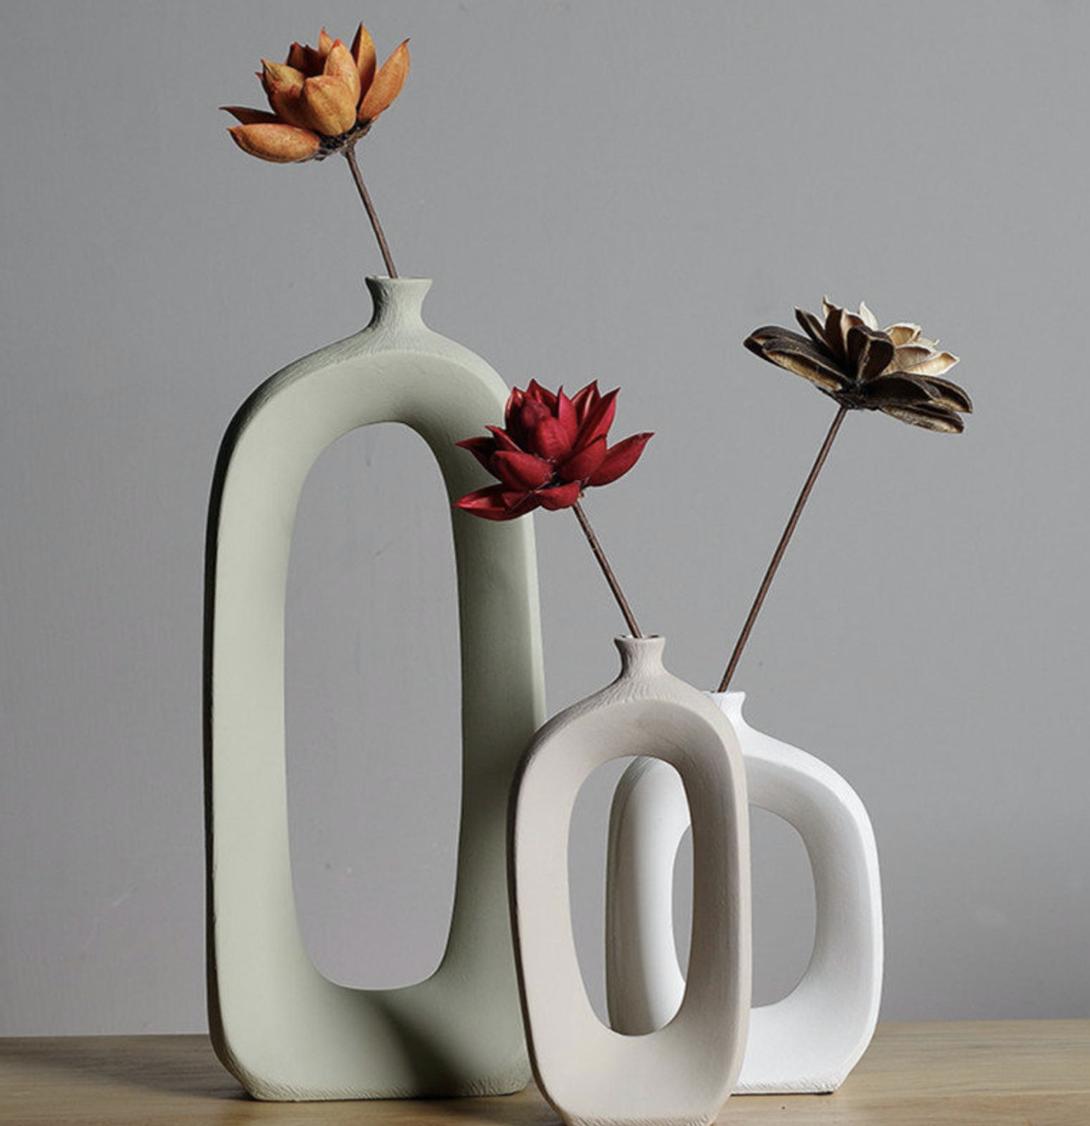 Vase en céramique, vase moderne, vase nordique